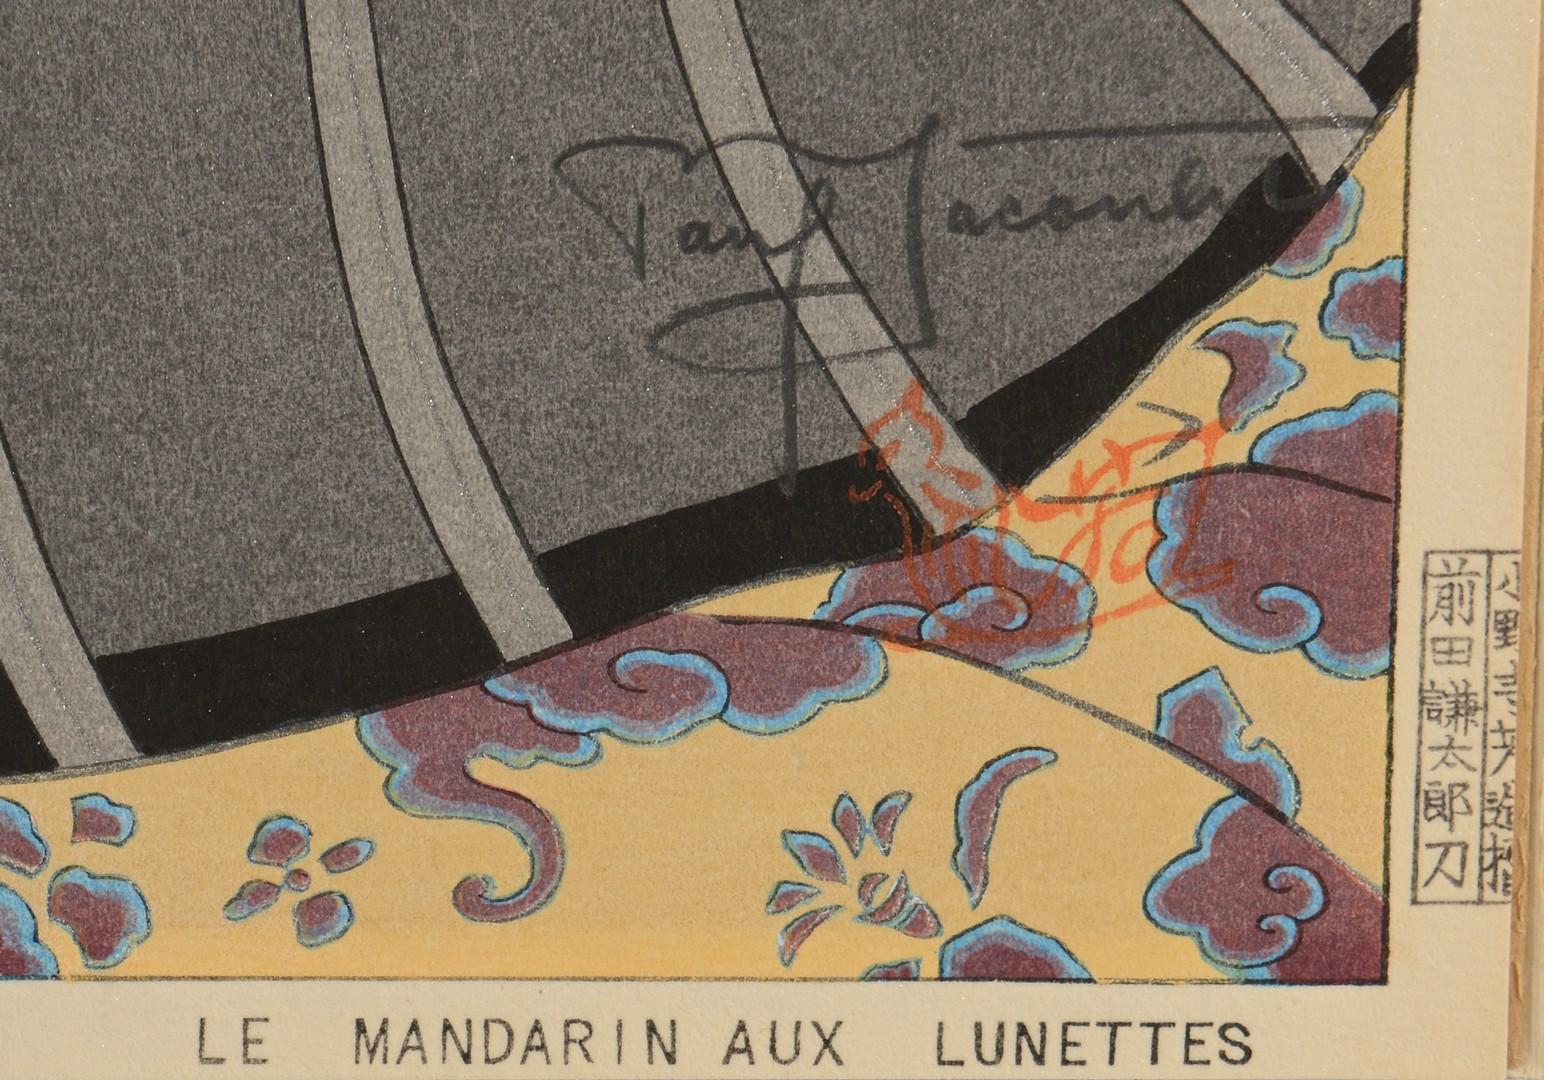 Lot 3832400: Paul Jacoulet woodblock, Le Mandarin aux Lunettes